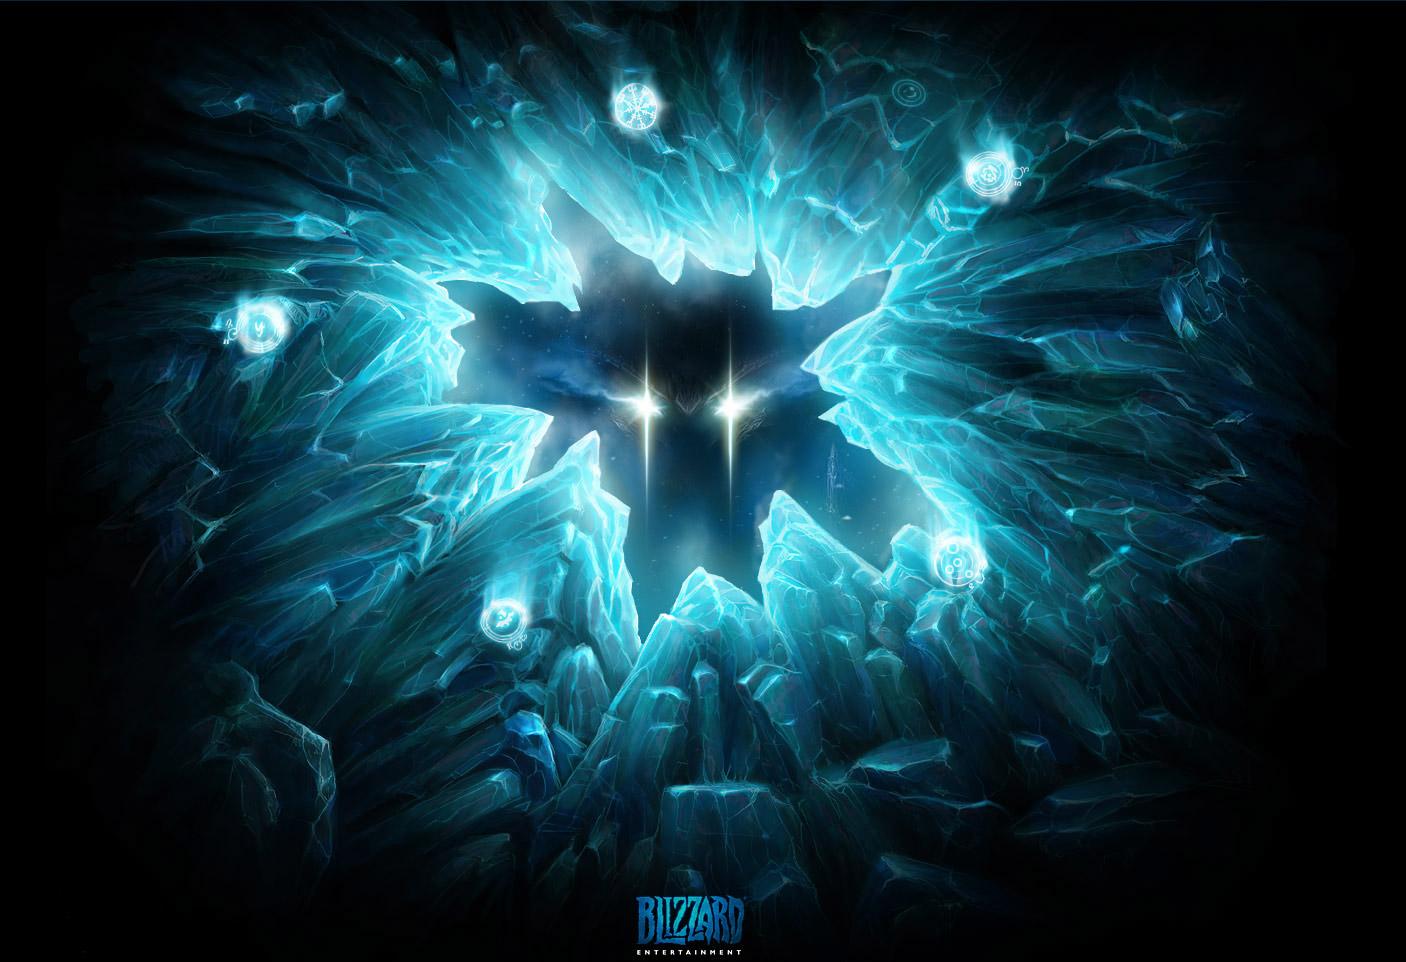 Image postée par Blizzard le 28 juin 2008 pour préparer l'annonce de Diablo III.